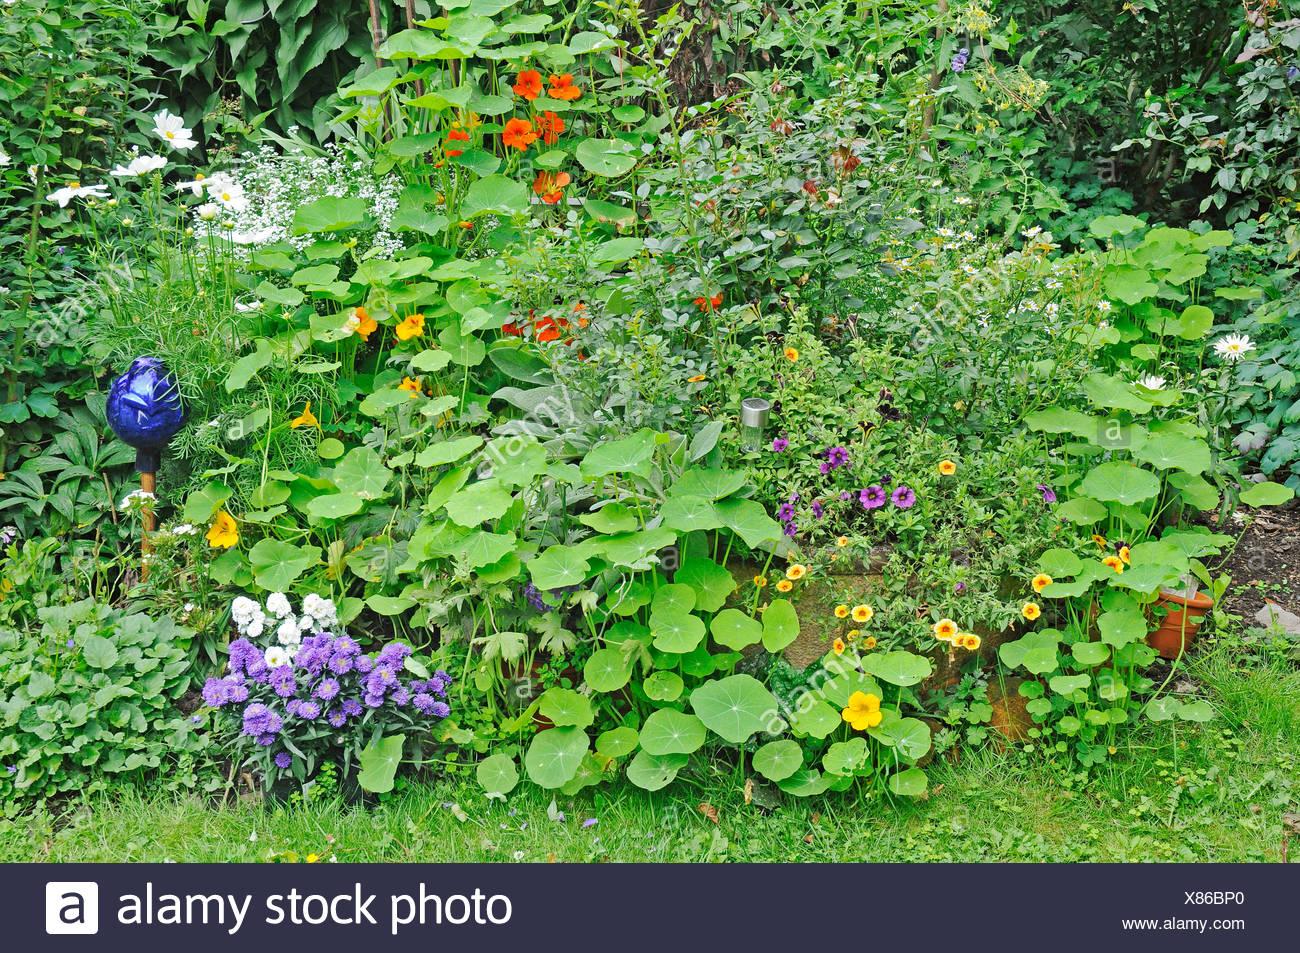 Flower bed of perennials with Nasturtium (Tropaeolum), garden, Gelsenkirchen, North Rhine-Westphalia, Germany, Europe - Stock Image